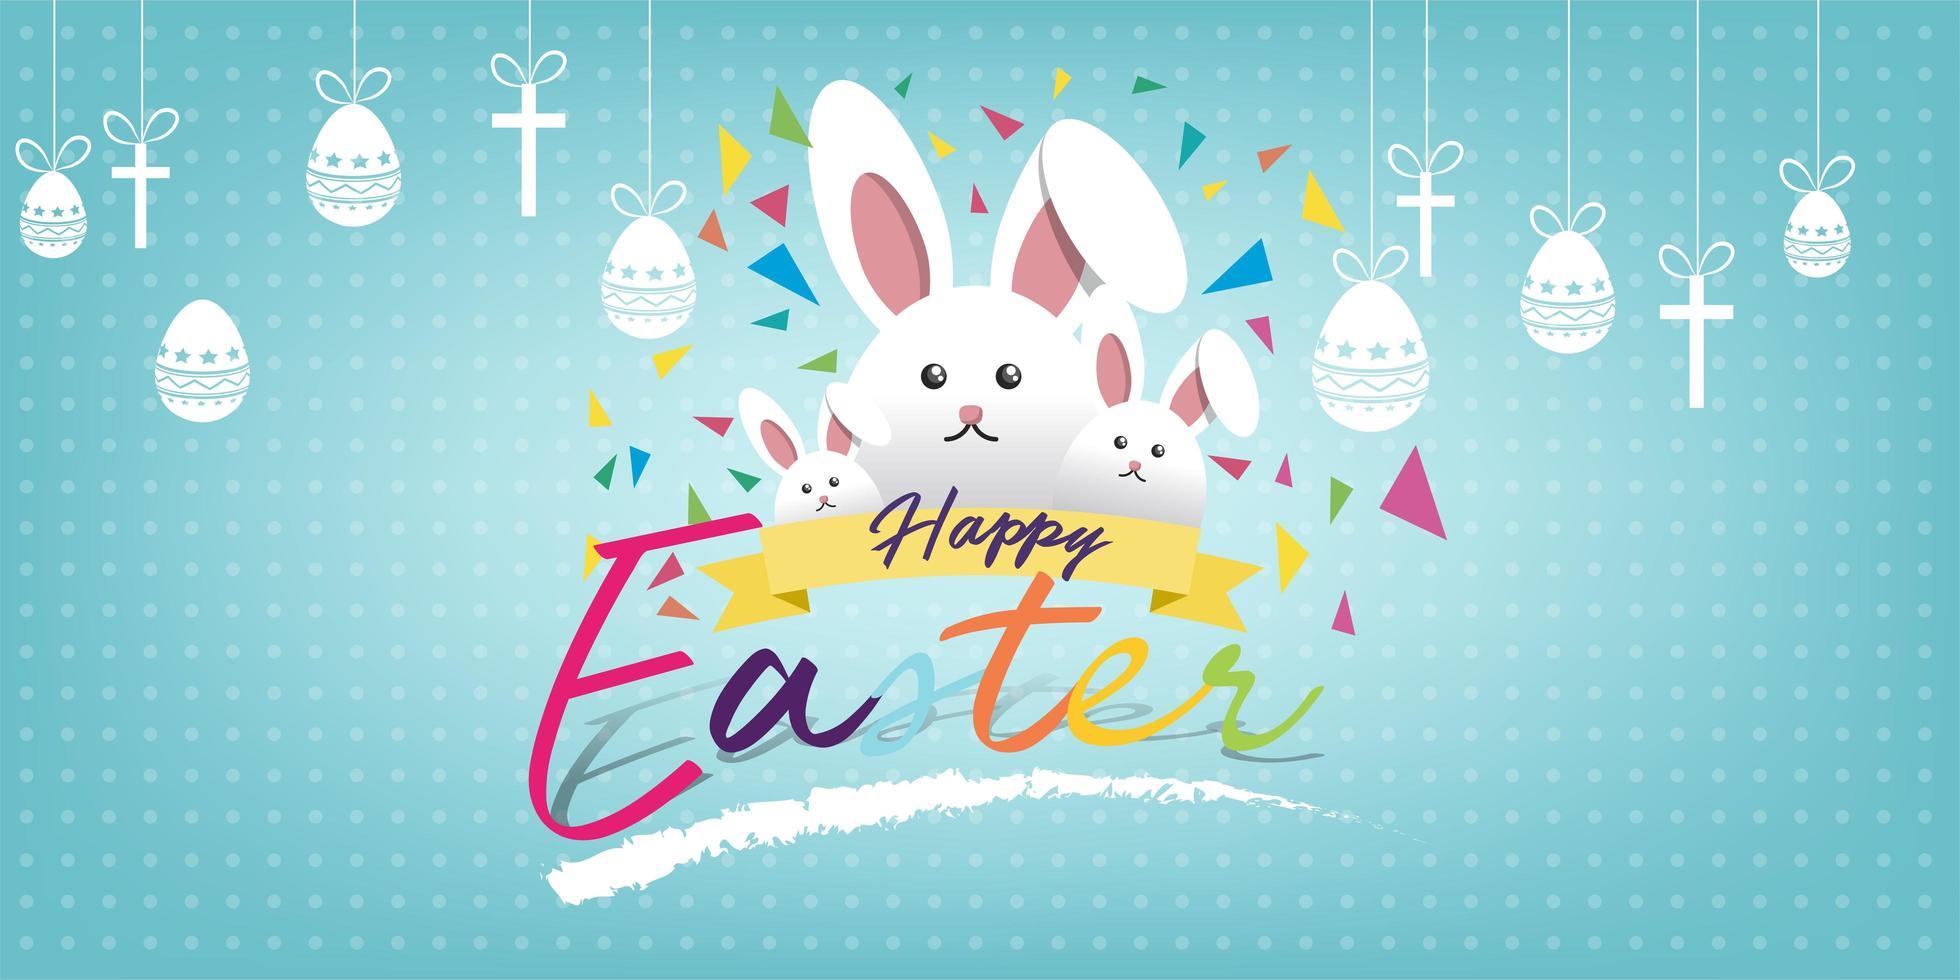 glückliche Ostergrußkarte mit Kaninchen, Hase und Text vektor